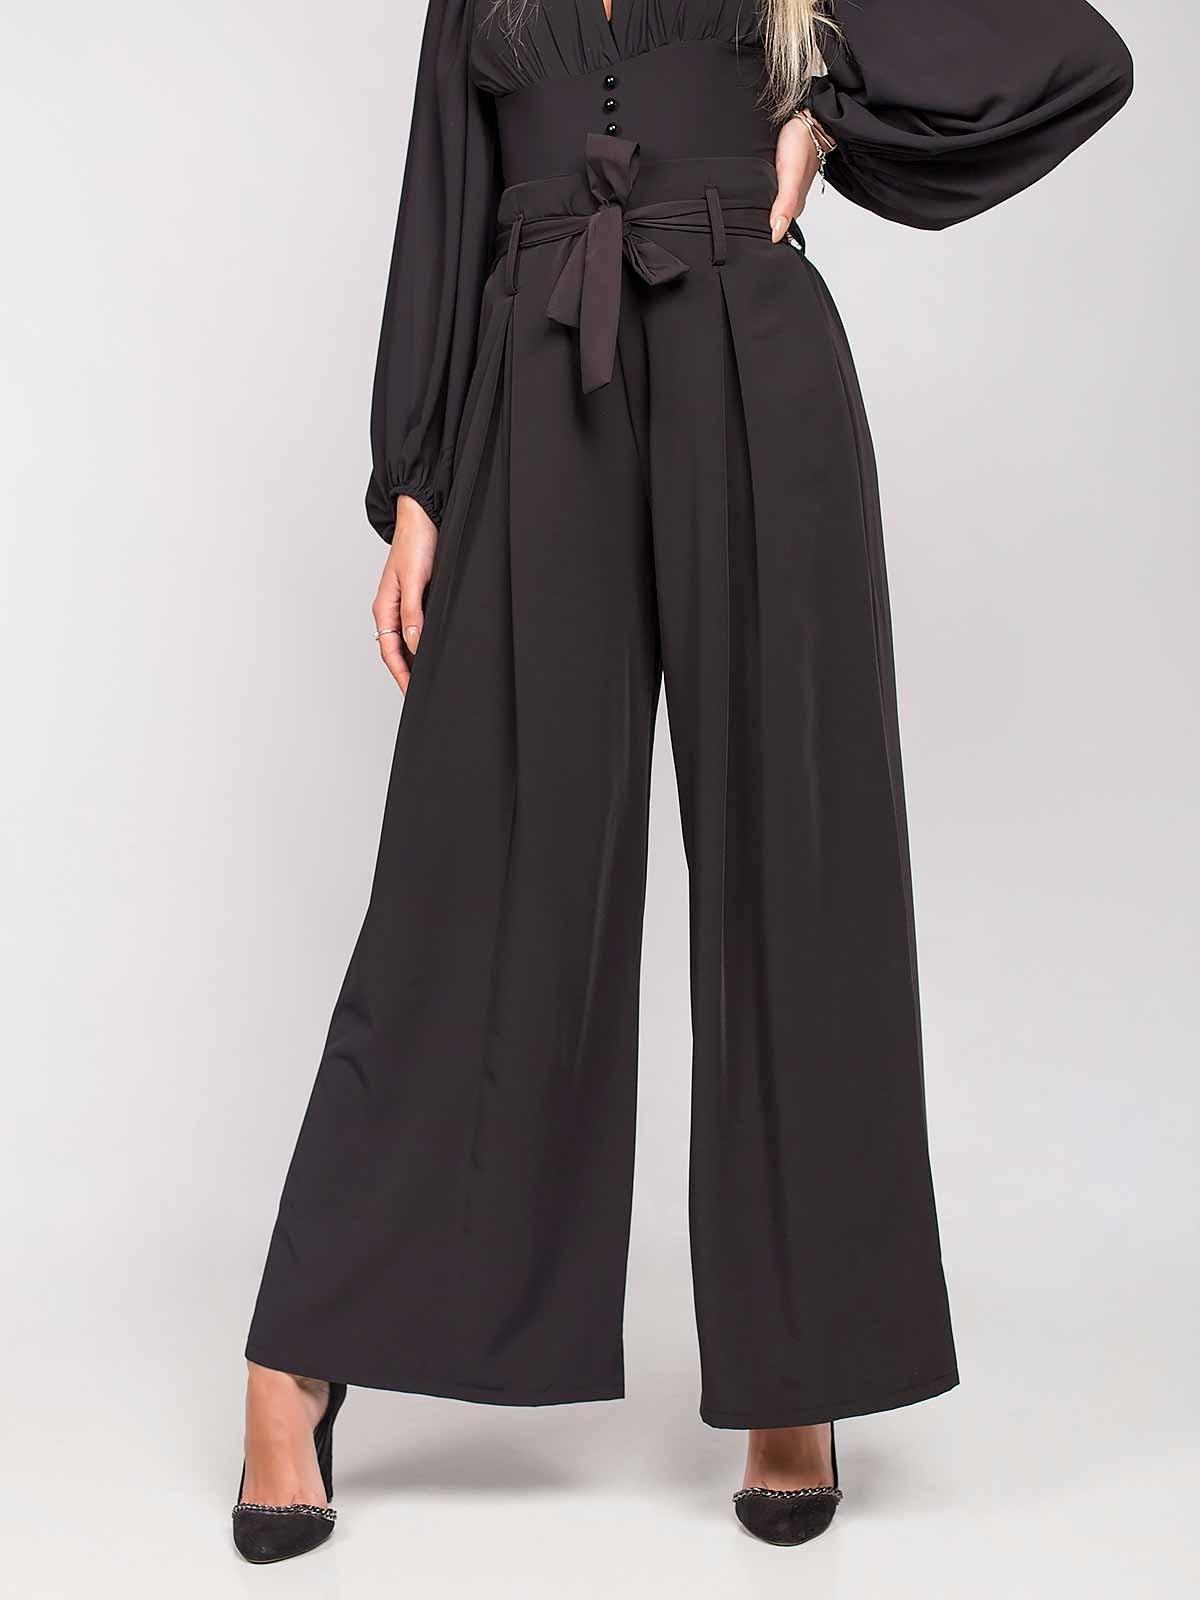 Pantalones anchos con tiro alto